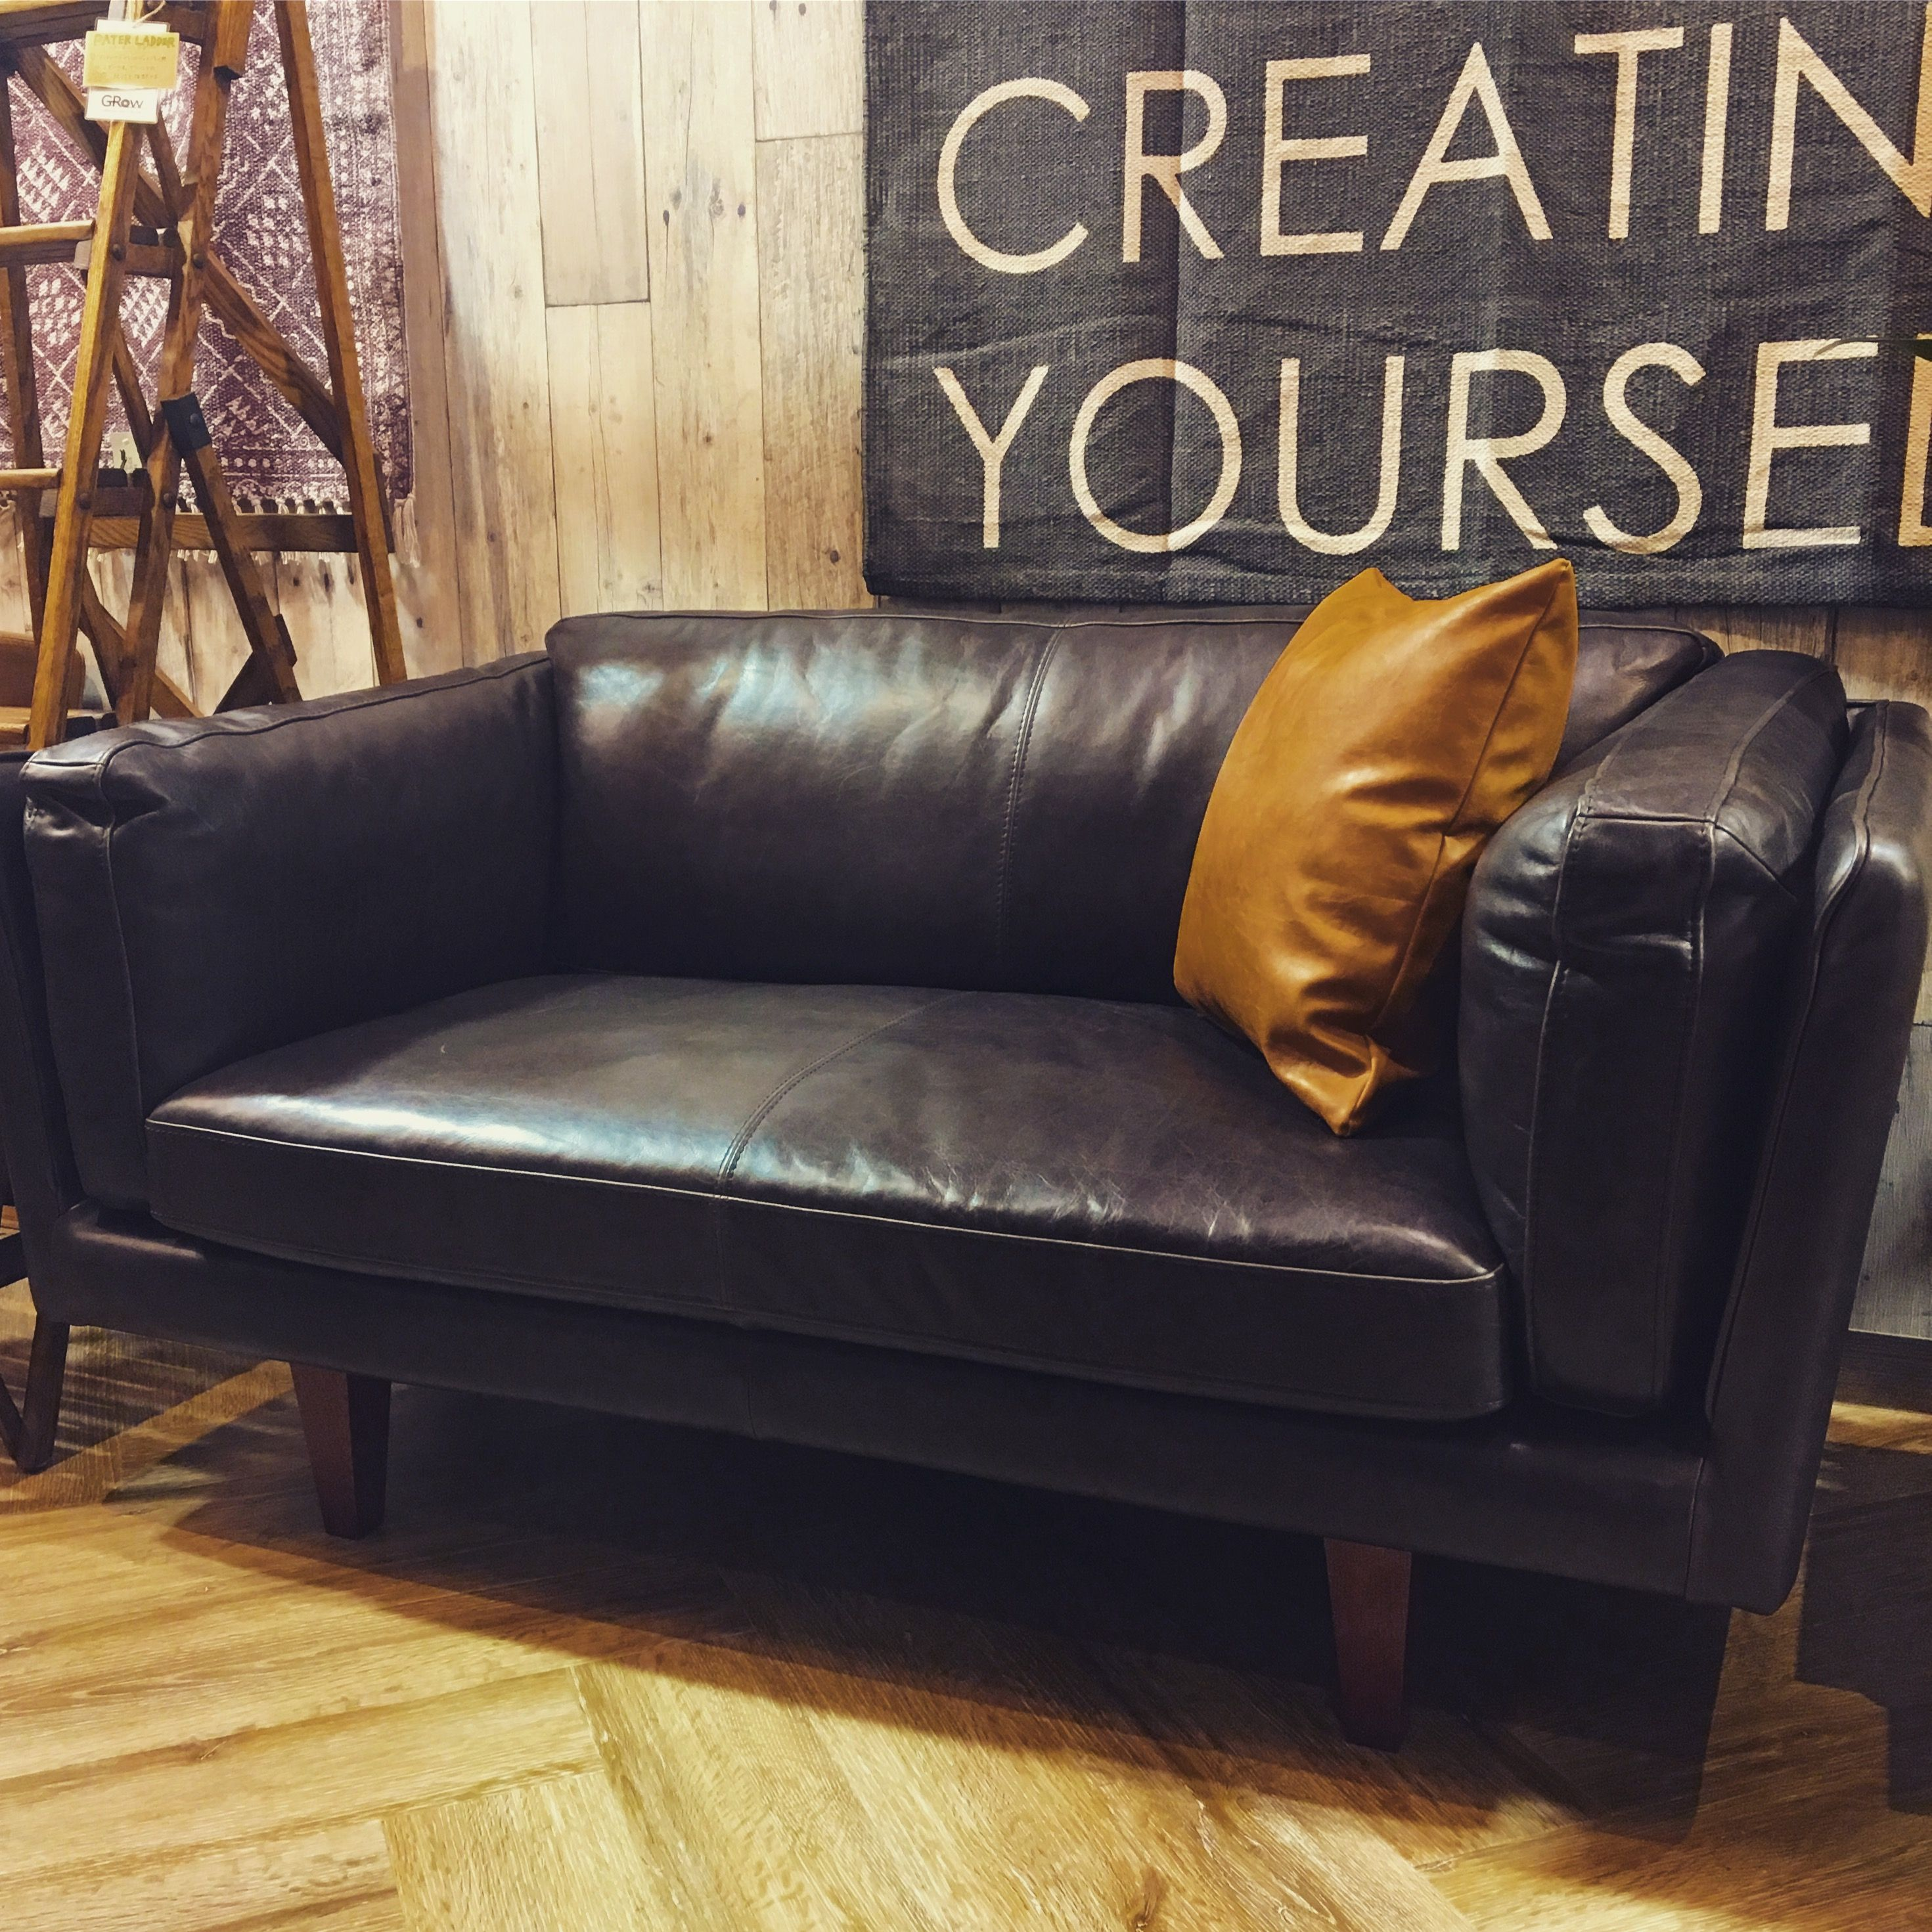 ビンテージ感のある佇まいと風合いのソファ ゆったり余裕を持たせて革を張りこむことで 包み込まれるような座り心地に仕上がっています 脚が高いのでお掃除も行いやすく レザーは使い込むことで風合いが増すのも特徴の1つです ソファ お掃除 ゆったり